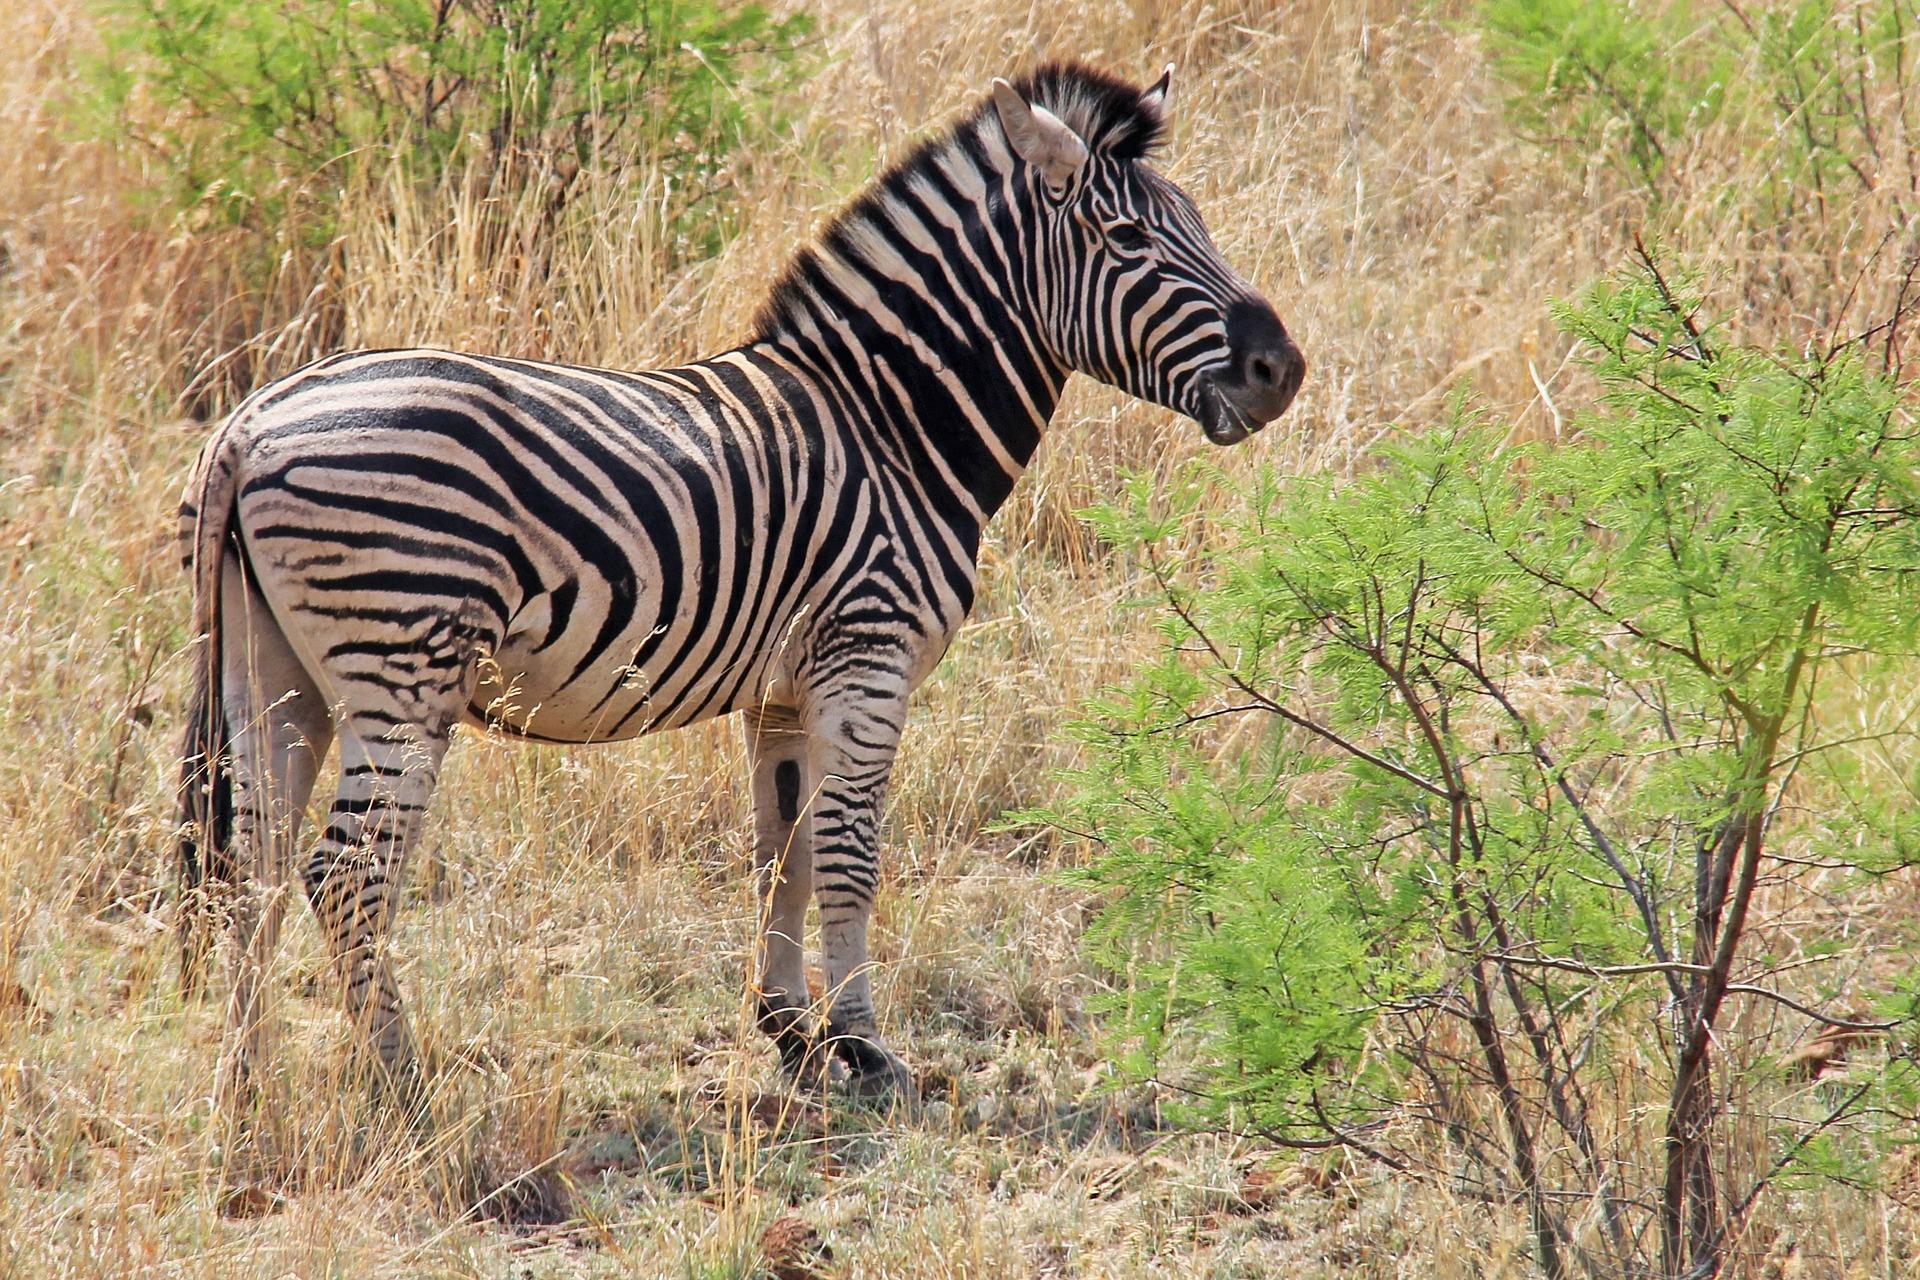 Zebra on a safari in South Africa